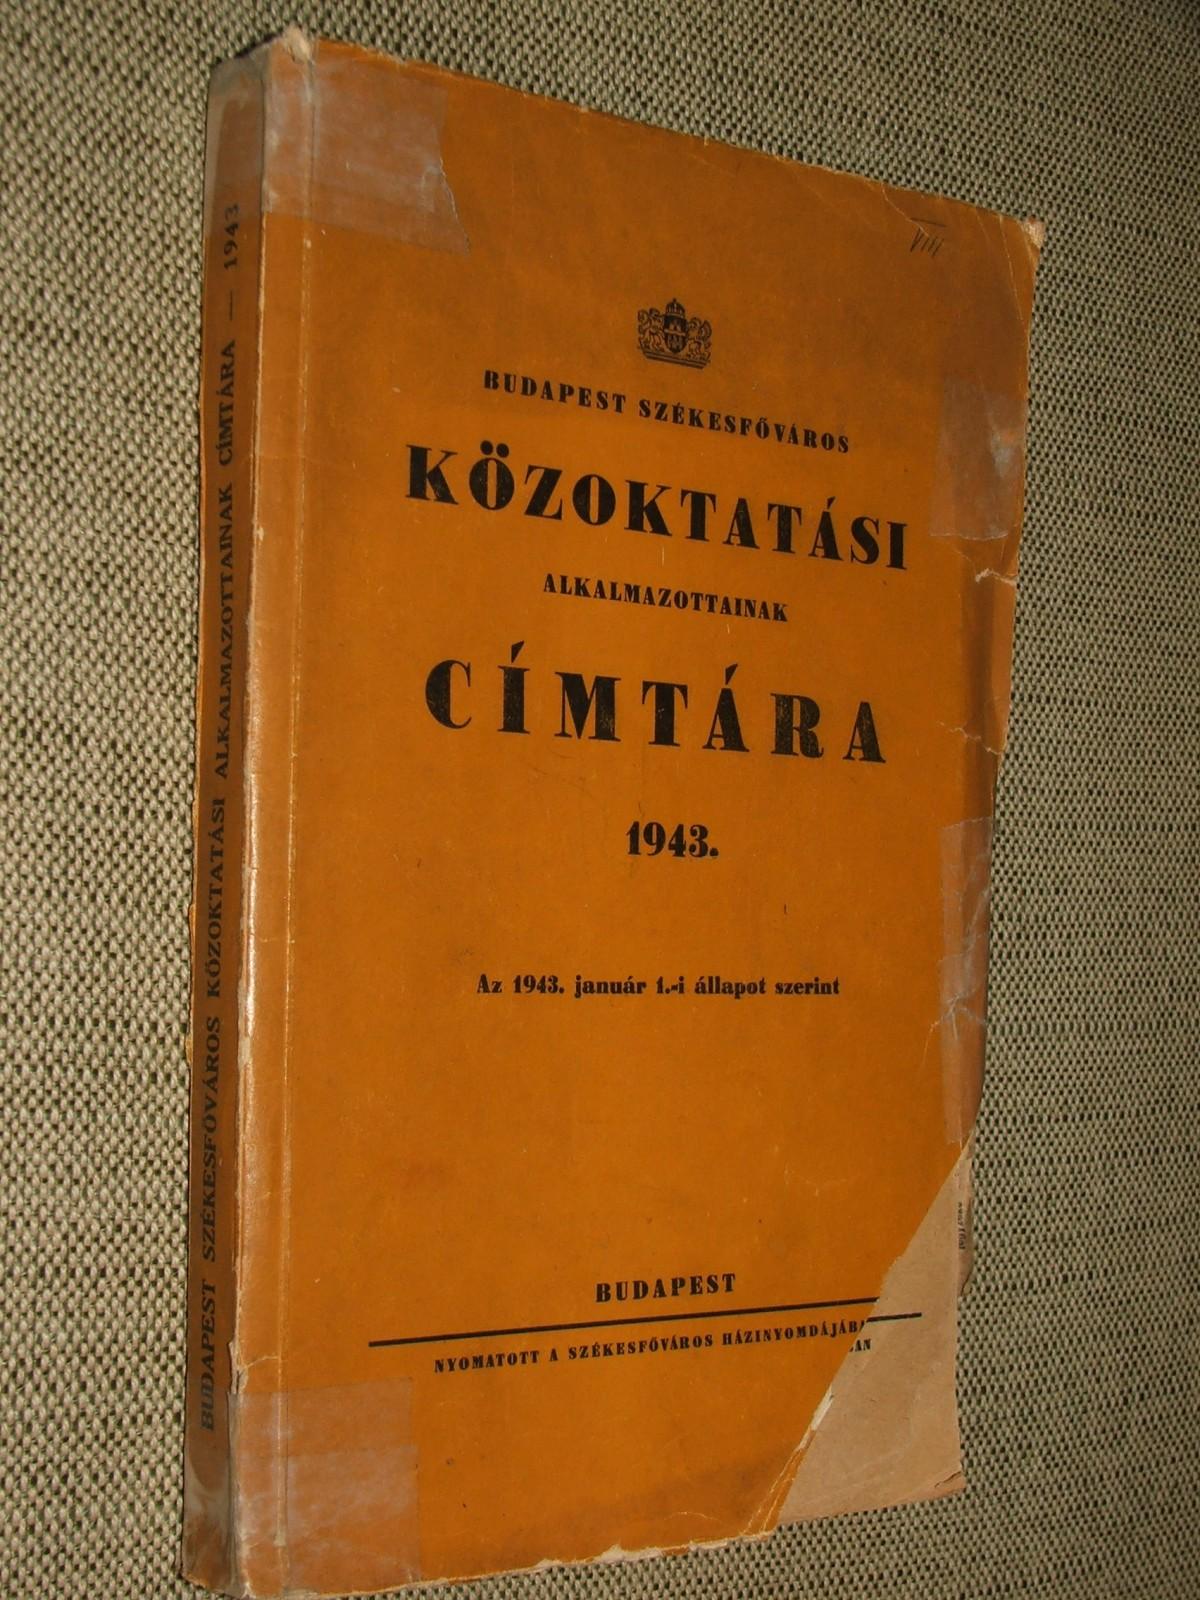 Budapest Székesfőváros Közoktatási alkalmazottainak címtára 1943.